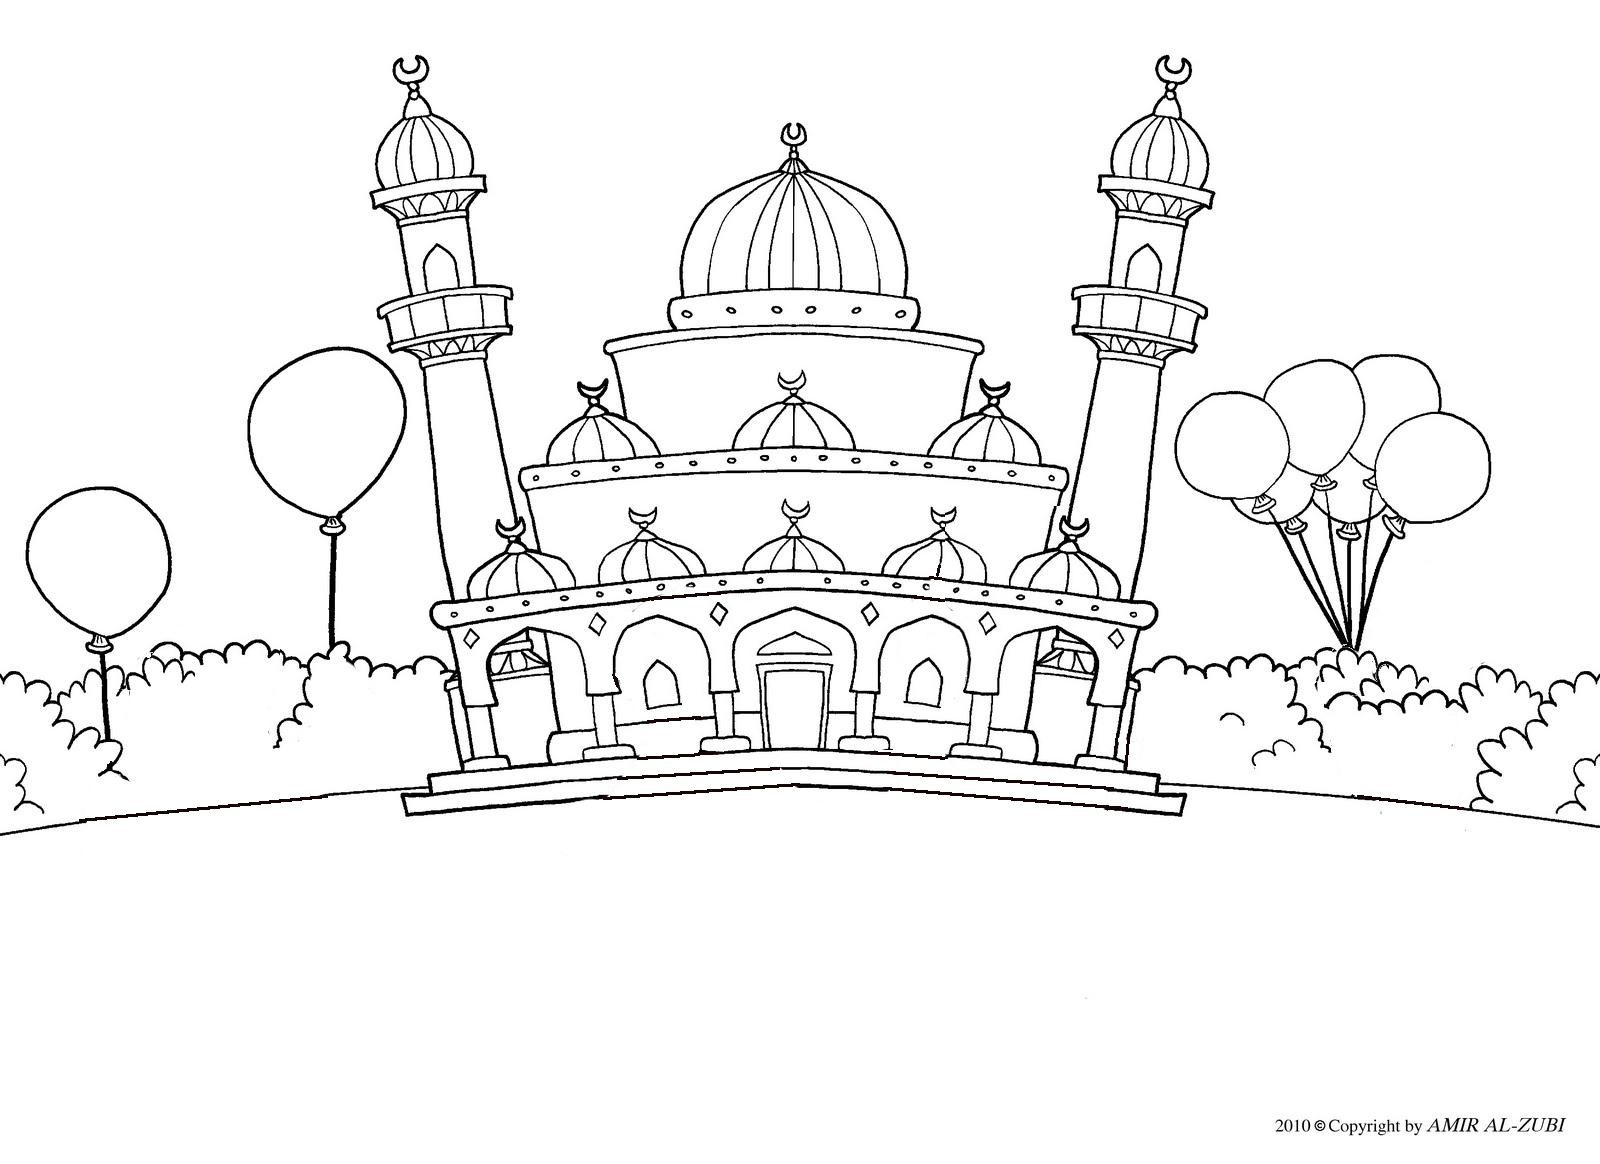 Kumpulan Sketsa Gambar Lomba Mewarnai Logo Pegadaian Aliransket